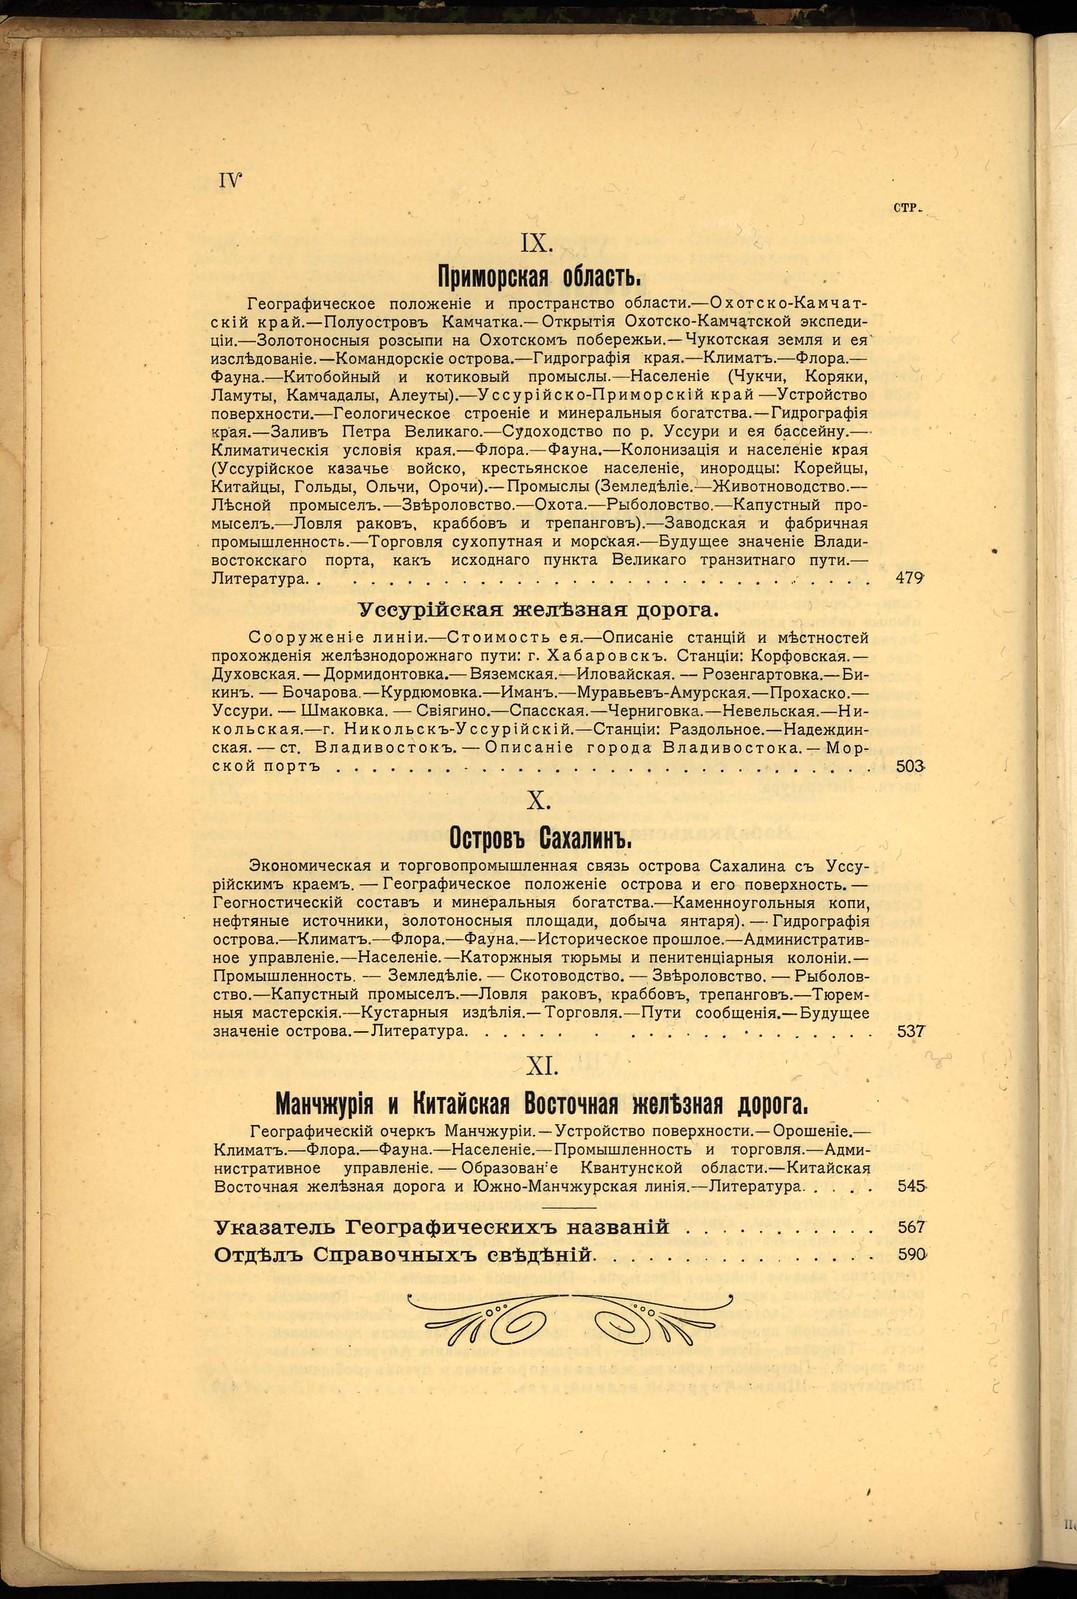 1900. Путеводитель по Великой Сибирской железной дороге_Страница_009